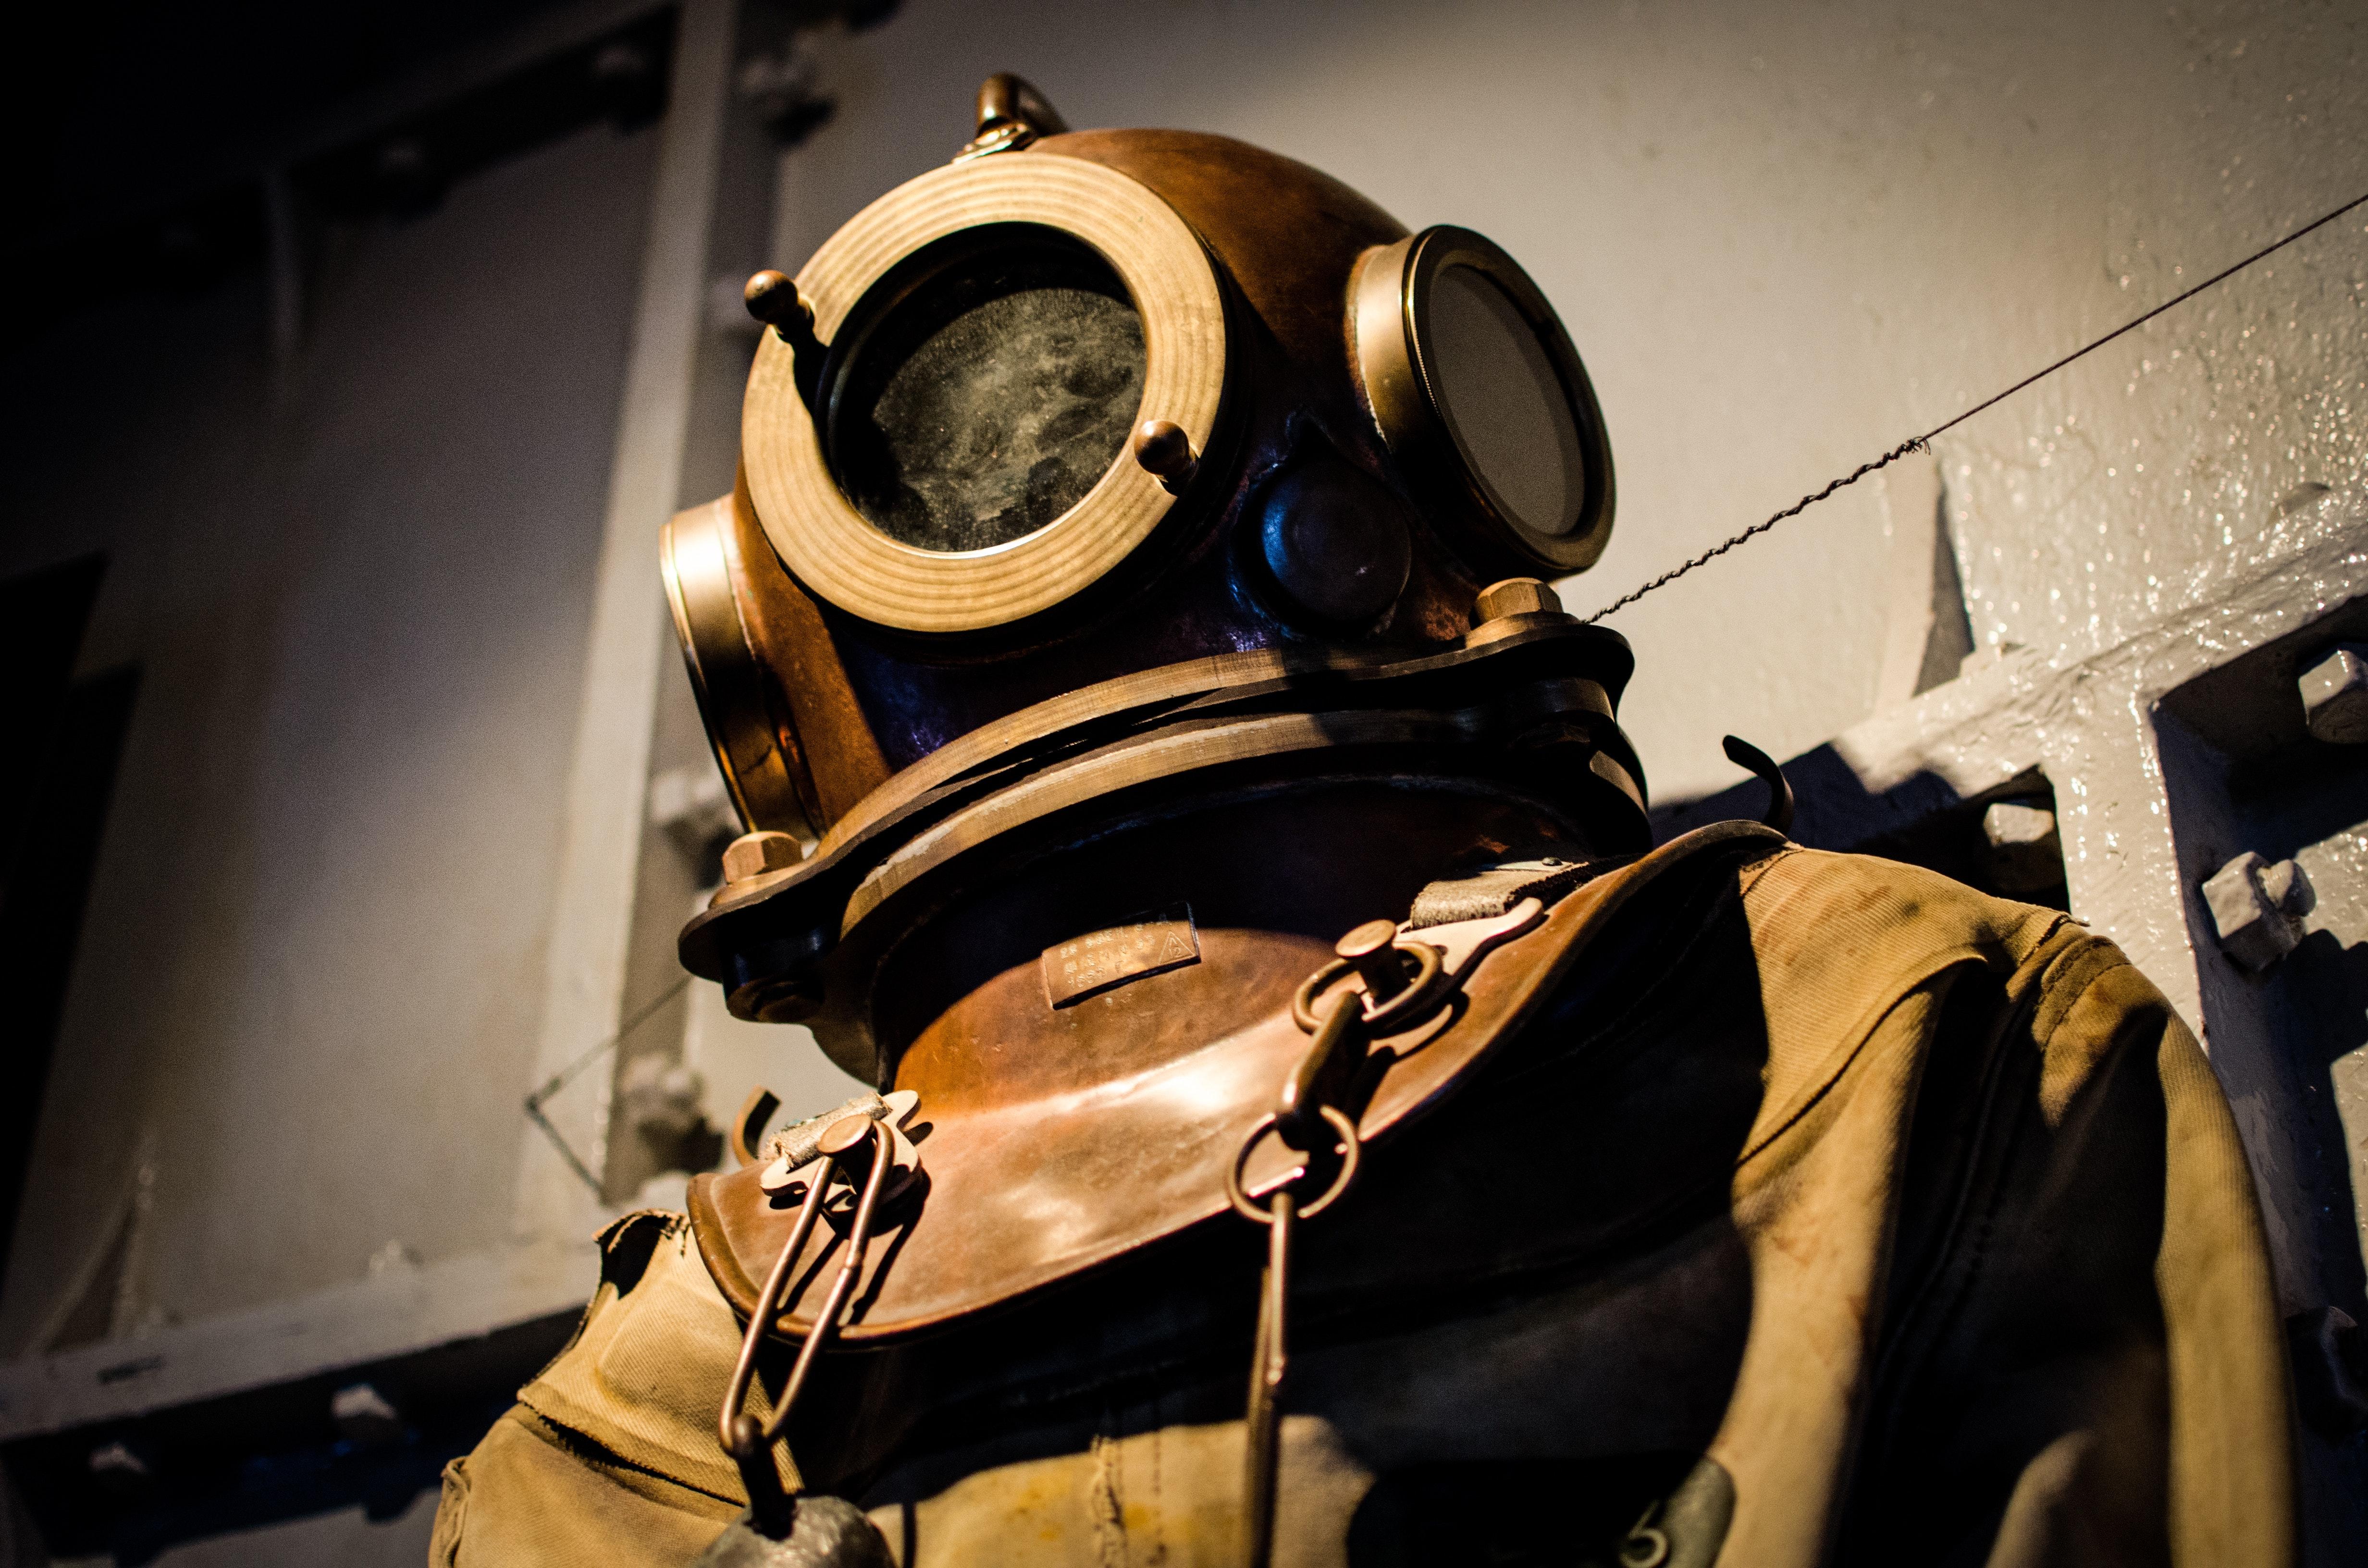 diver-diving-suit-historical-718